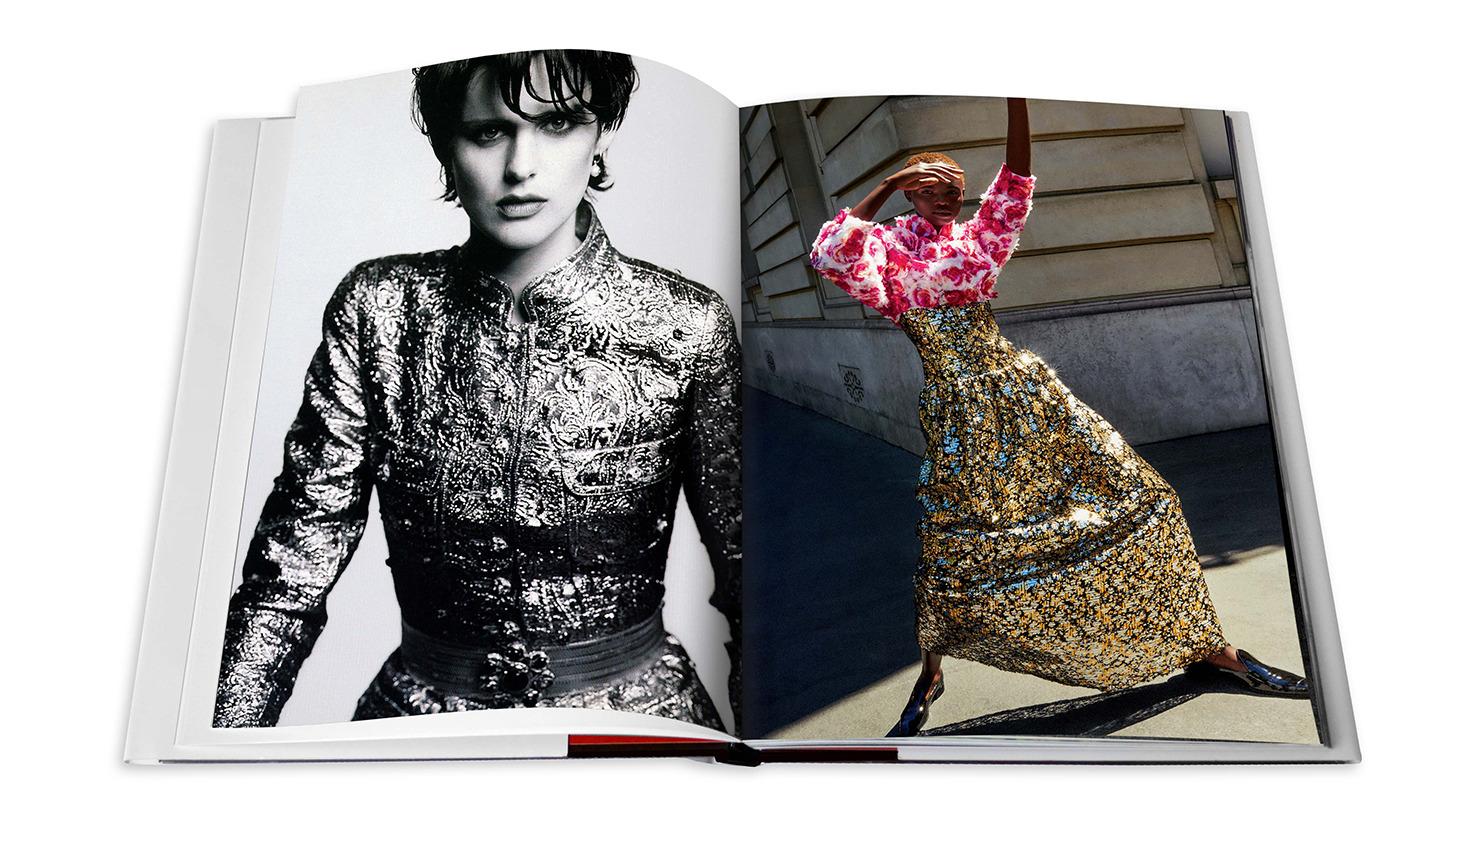 chanel-Assouline-libros-moda-arte-magazinehorse